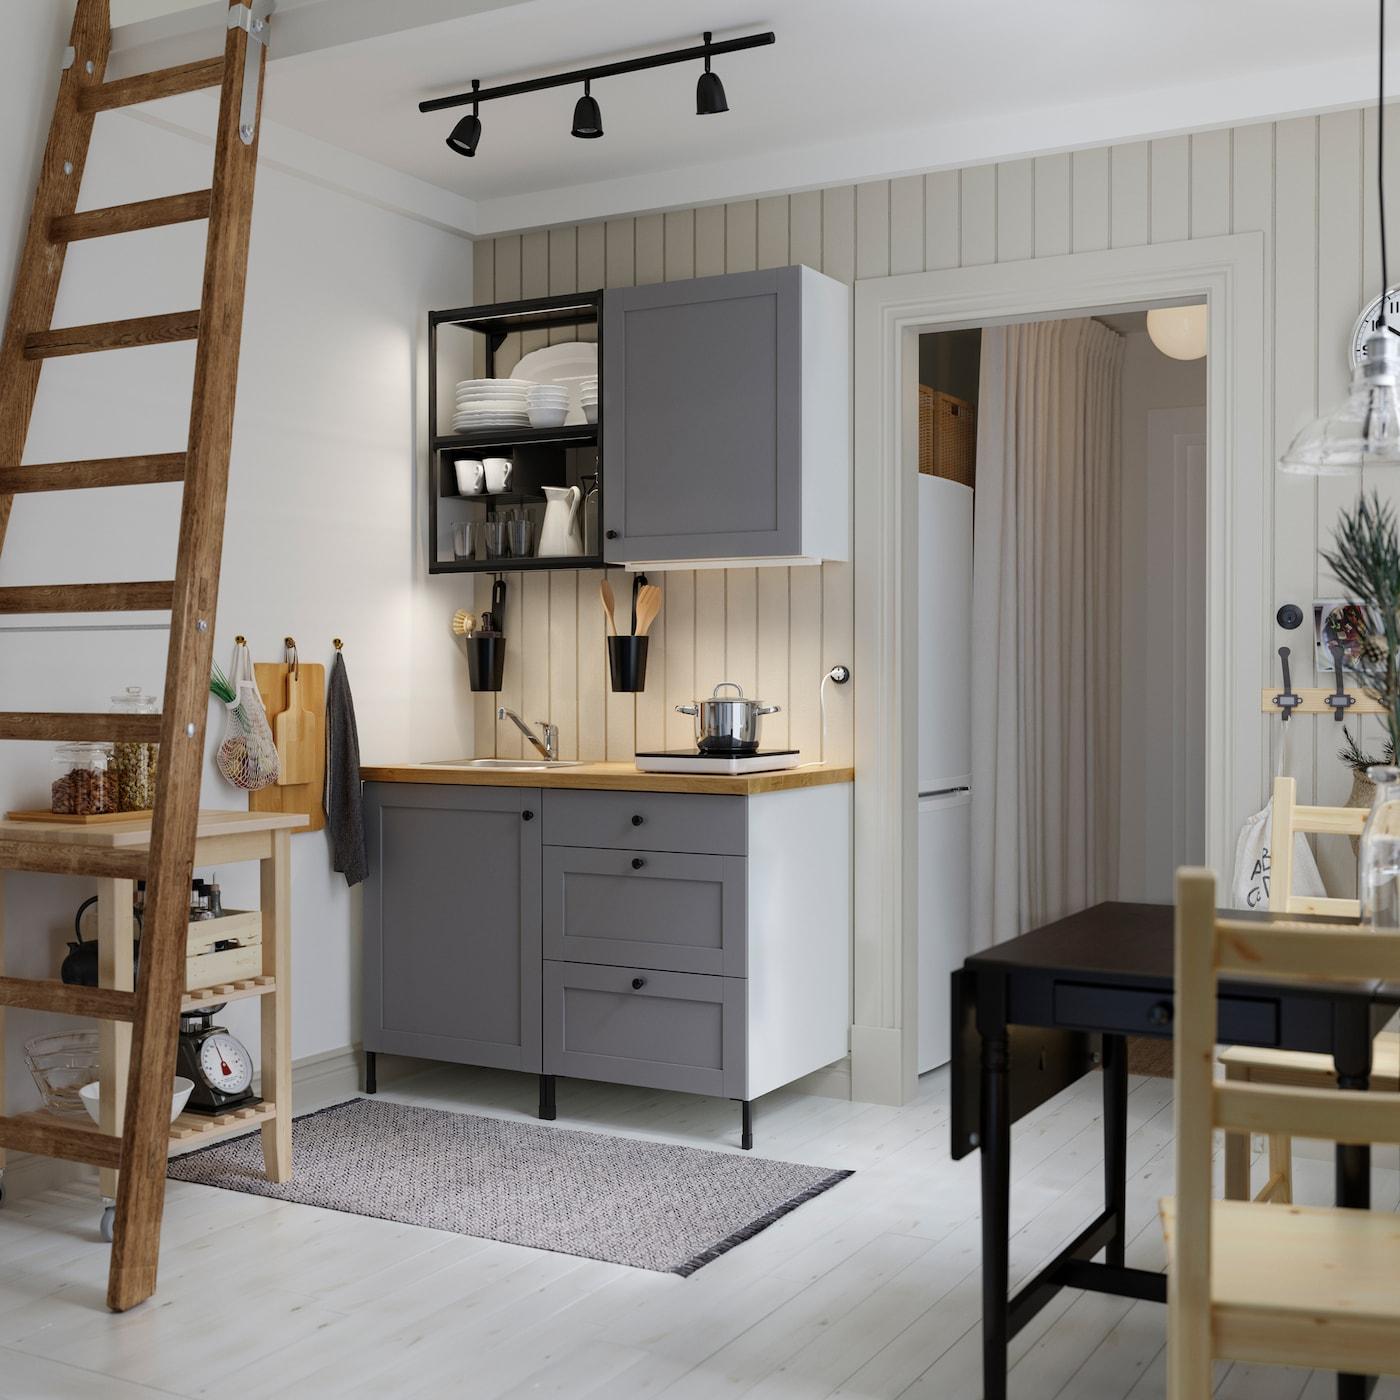 Mala kuhinja s otvorenim policama od antracita, sivi frontovi, drvena radna ploča, crni sto i dve drvene stolice.